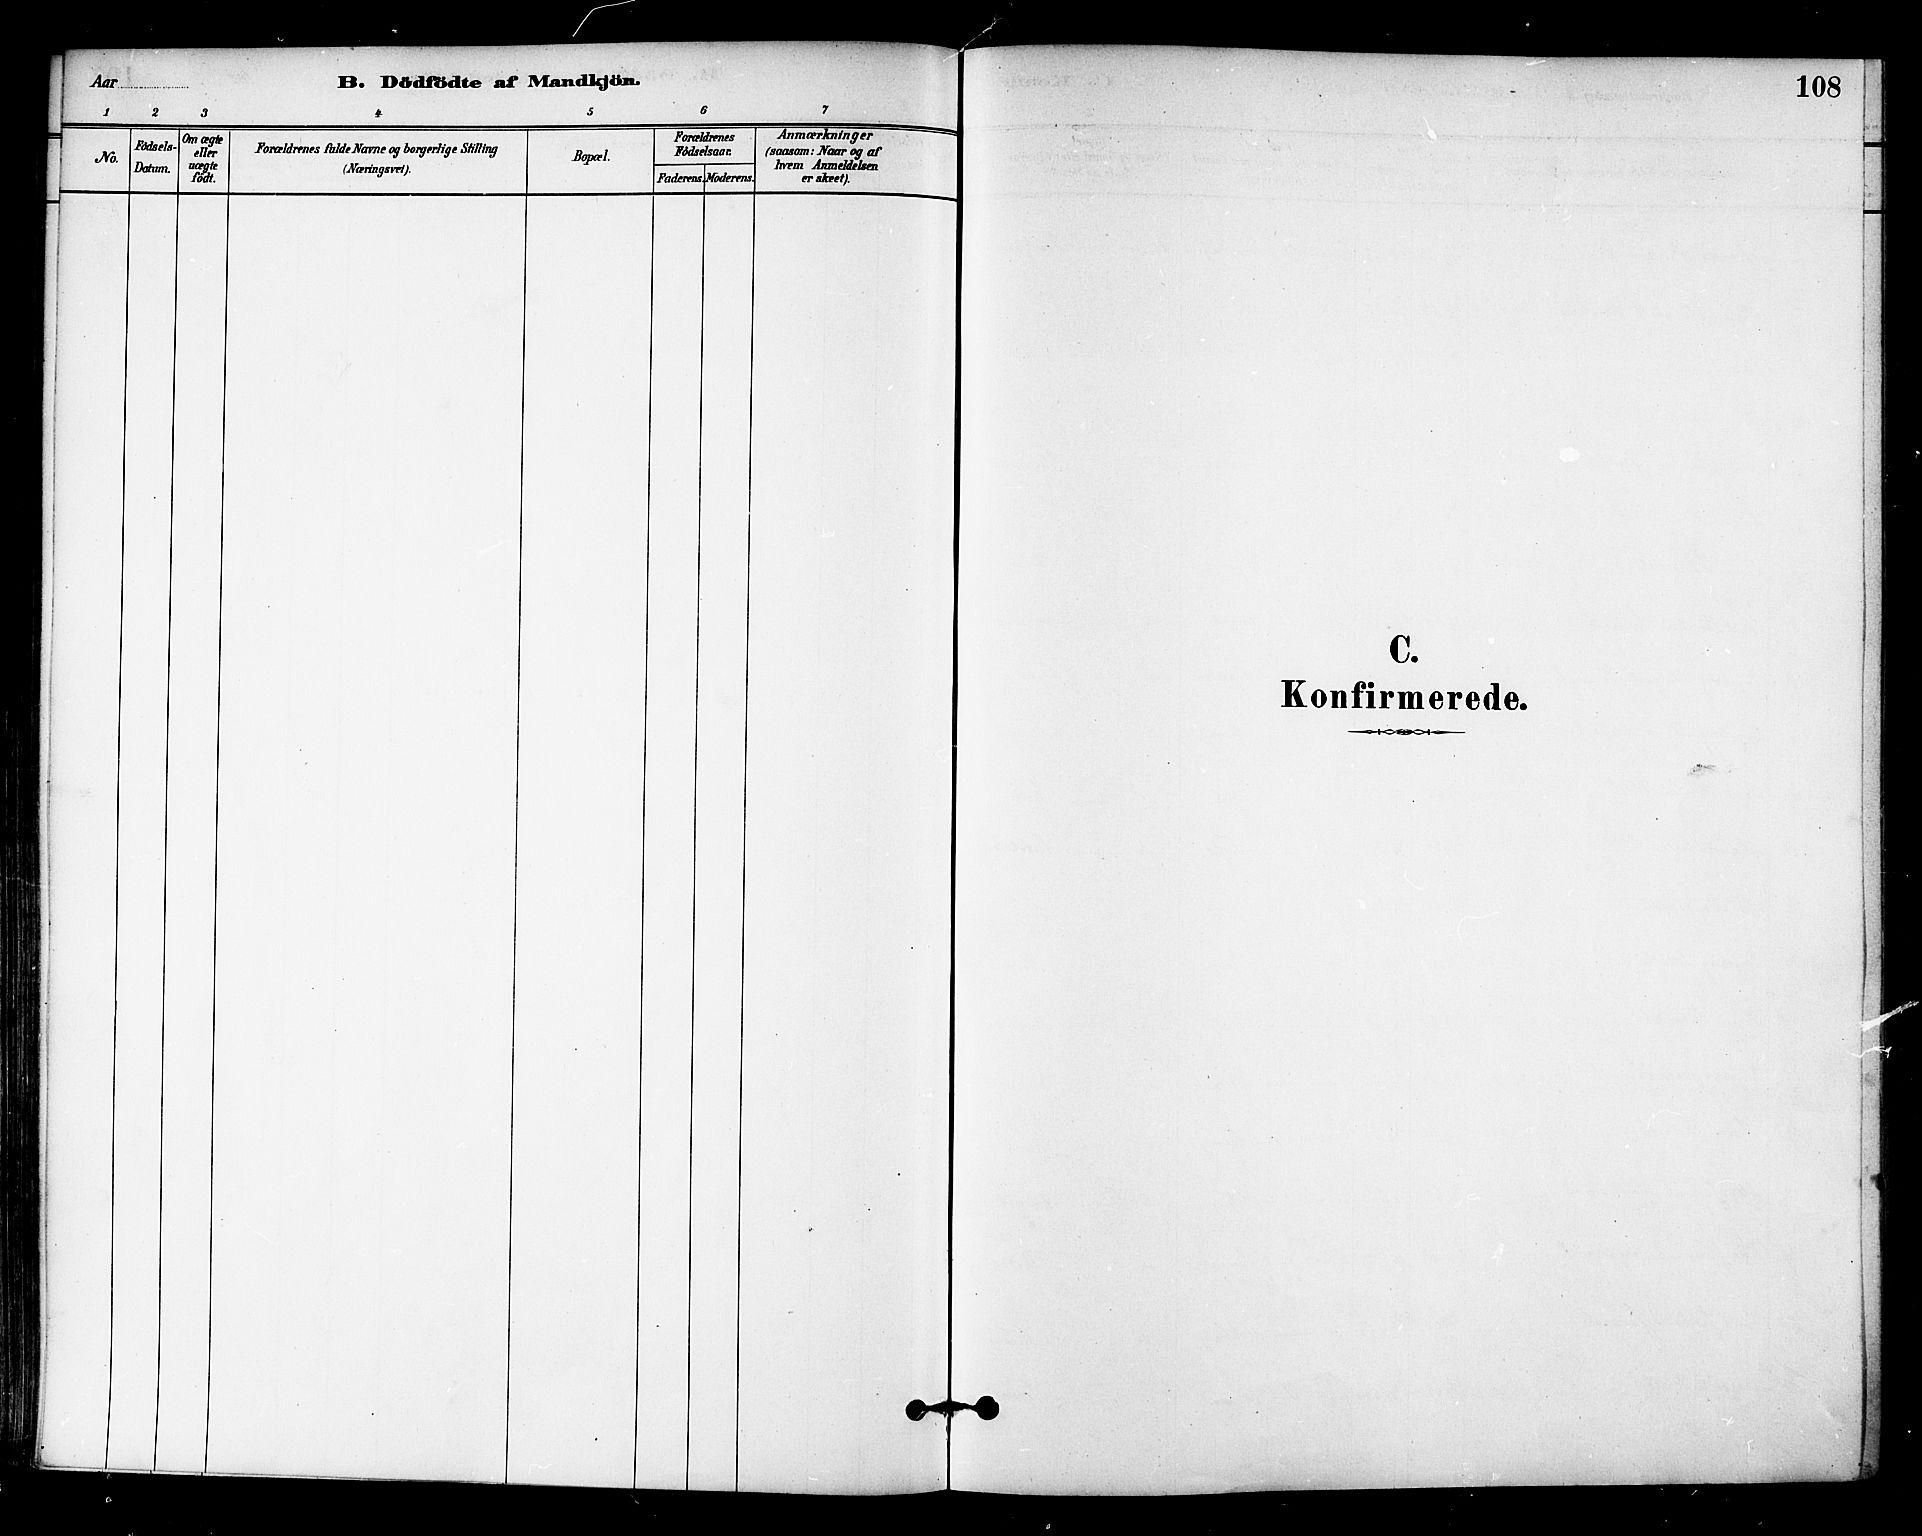 SAT, Ministerialprotokoller, klokkerbøker og fødselsregistre - Sør-Trøndelag, 655/L0680: Ministerialbok nr. 655A09, 1880-1894, s. 108